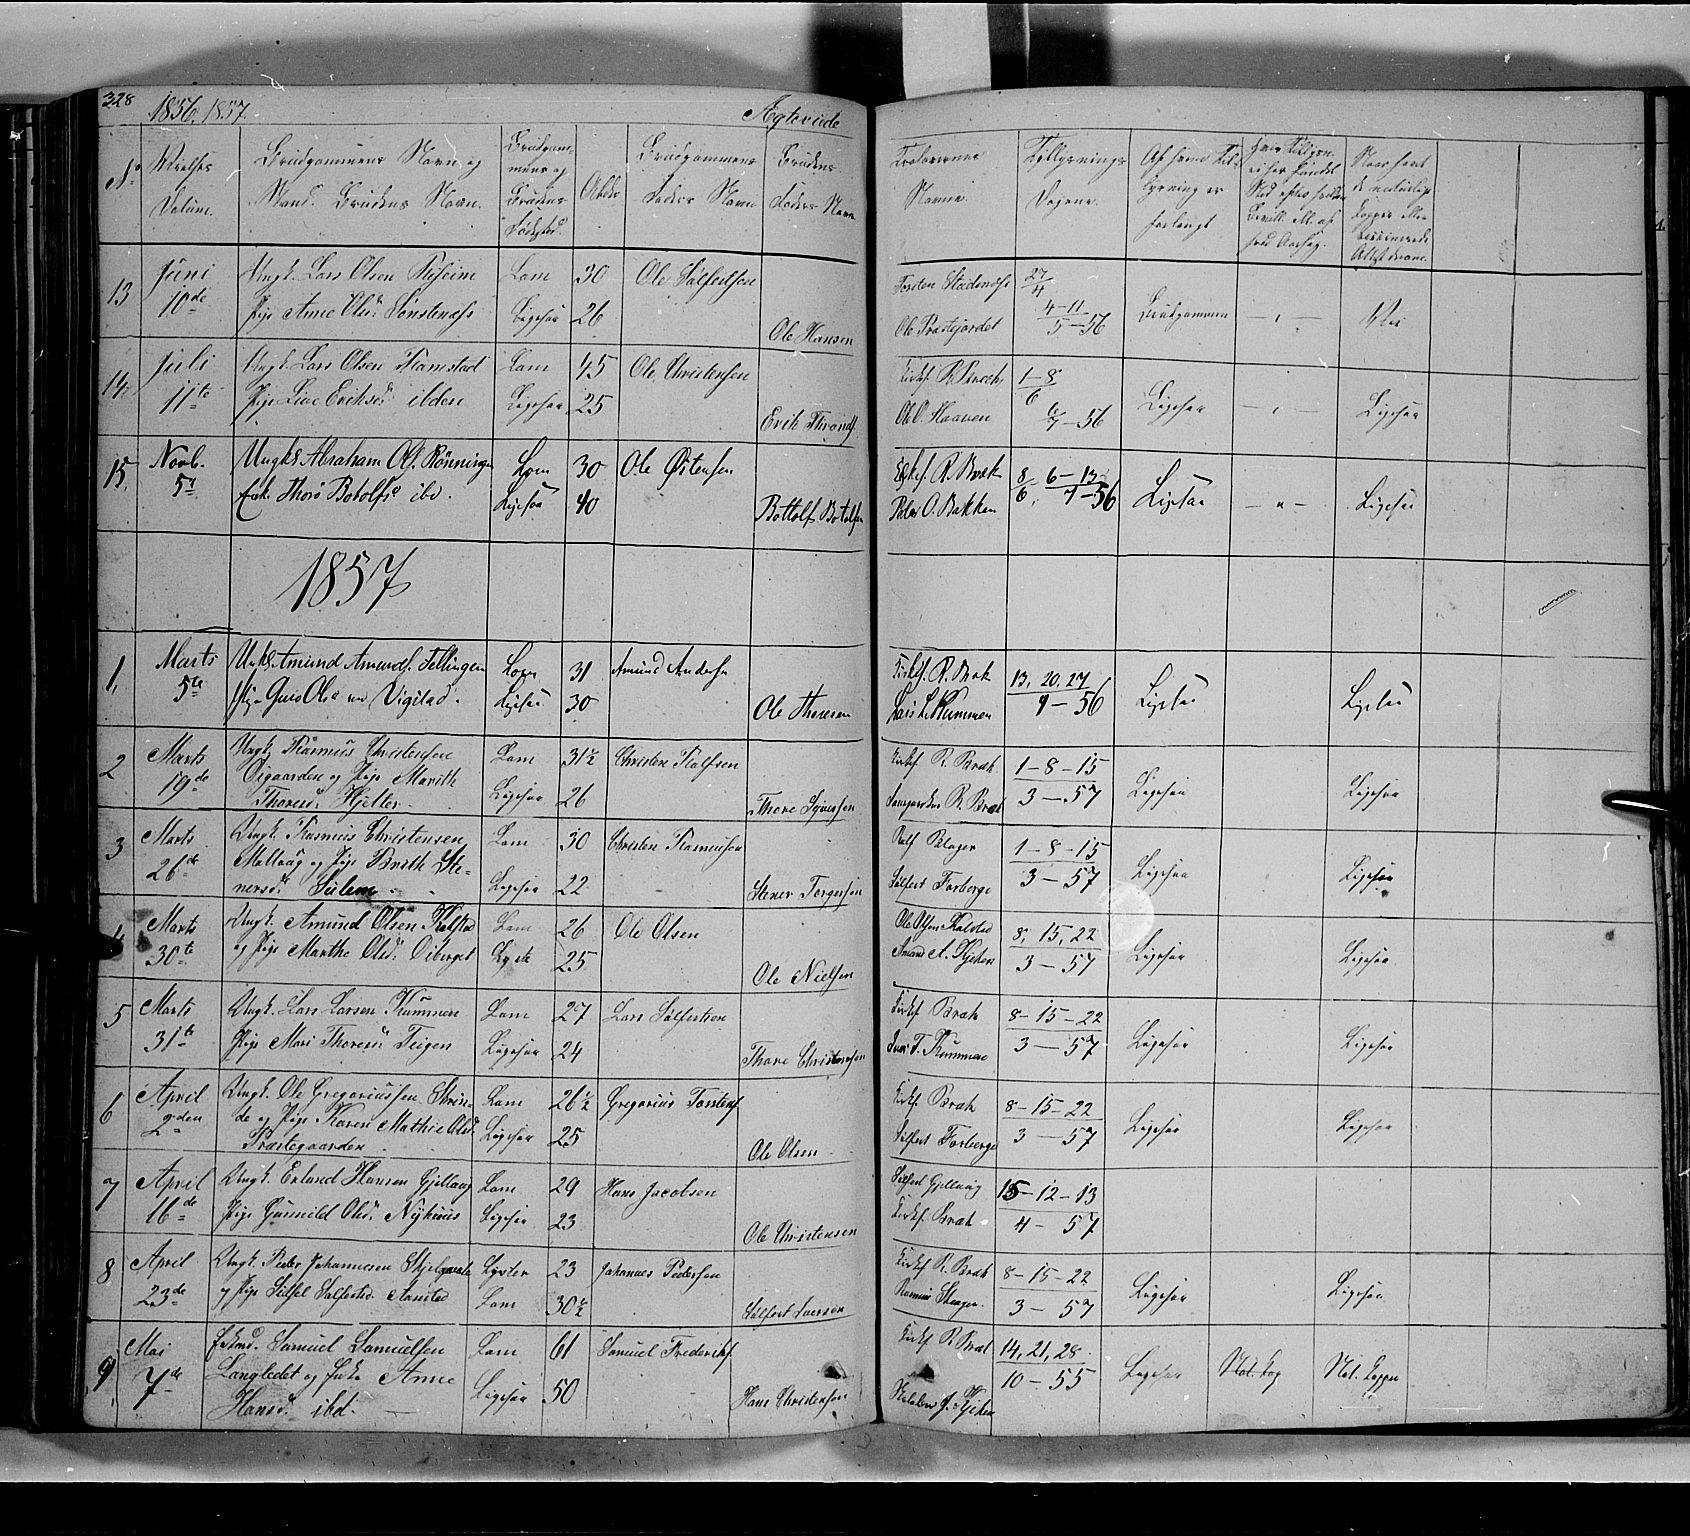 SAH, Lom prestekontor, L/L0004: Klokkerbok nr. 4, 1845-1864, s. 328-329